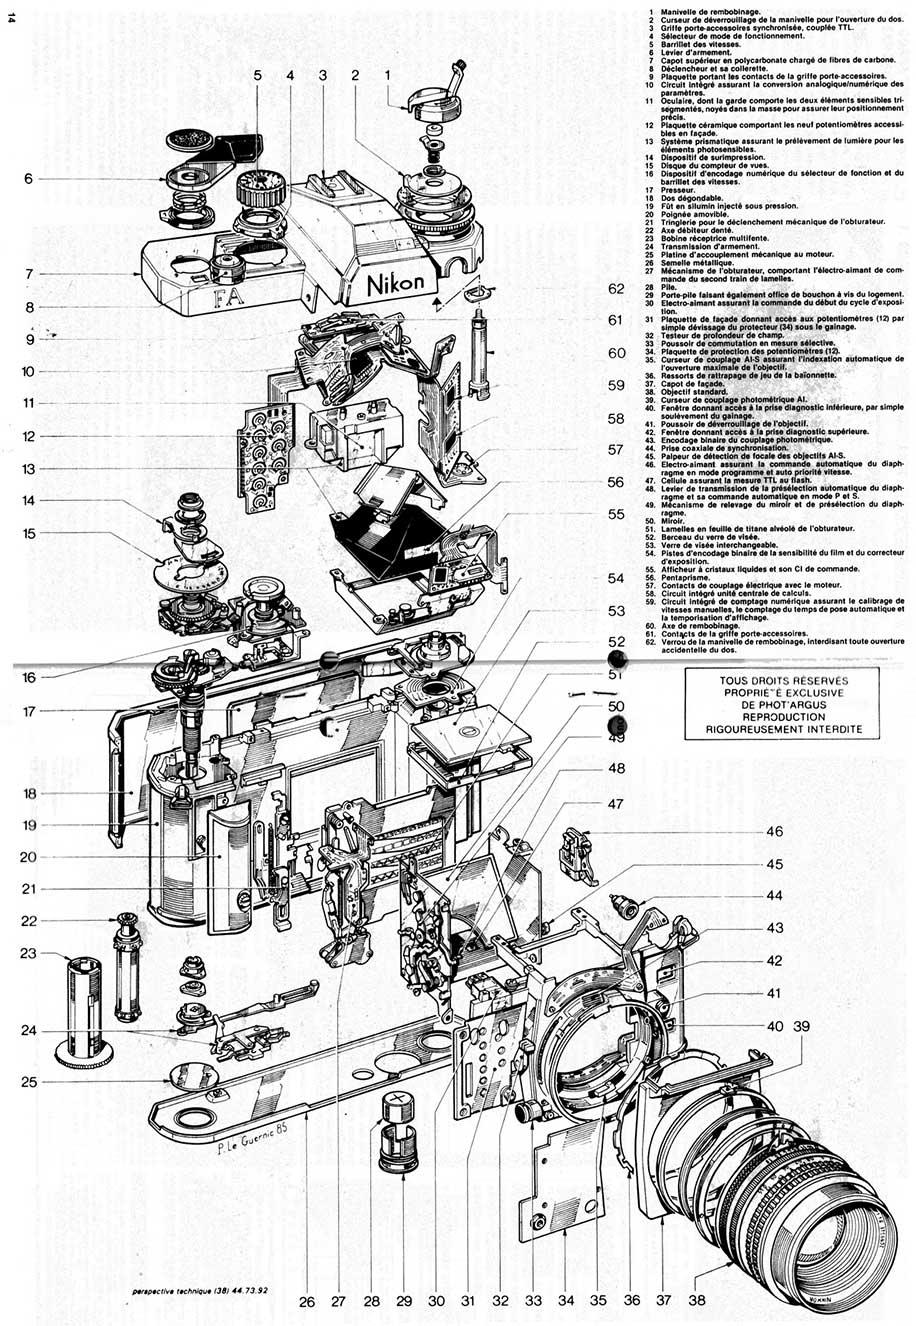 Nikon-F-schematics-4